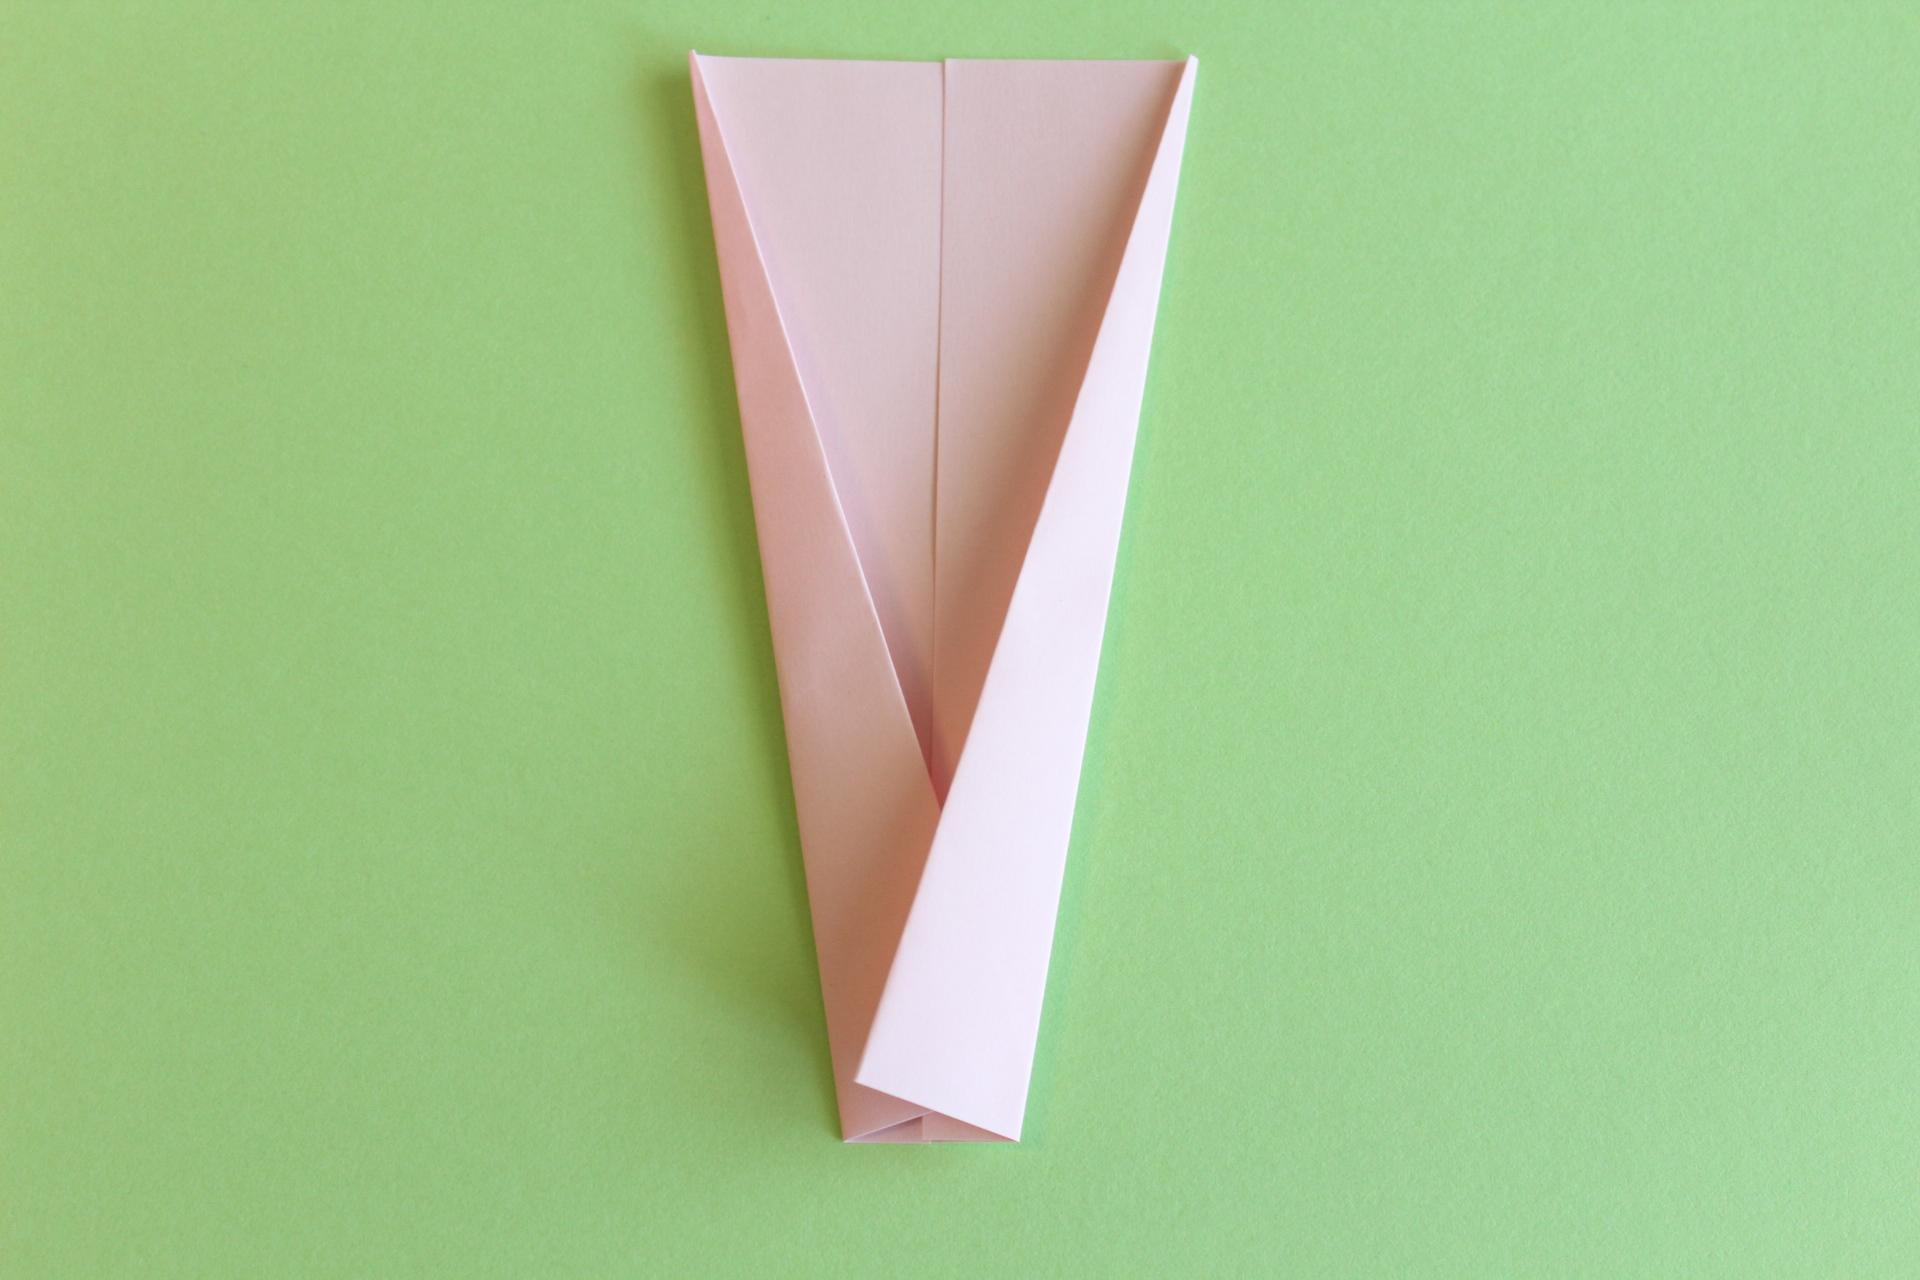 羽子板の折り方2